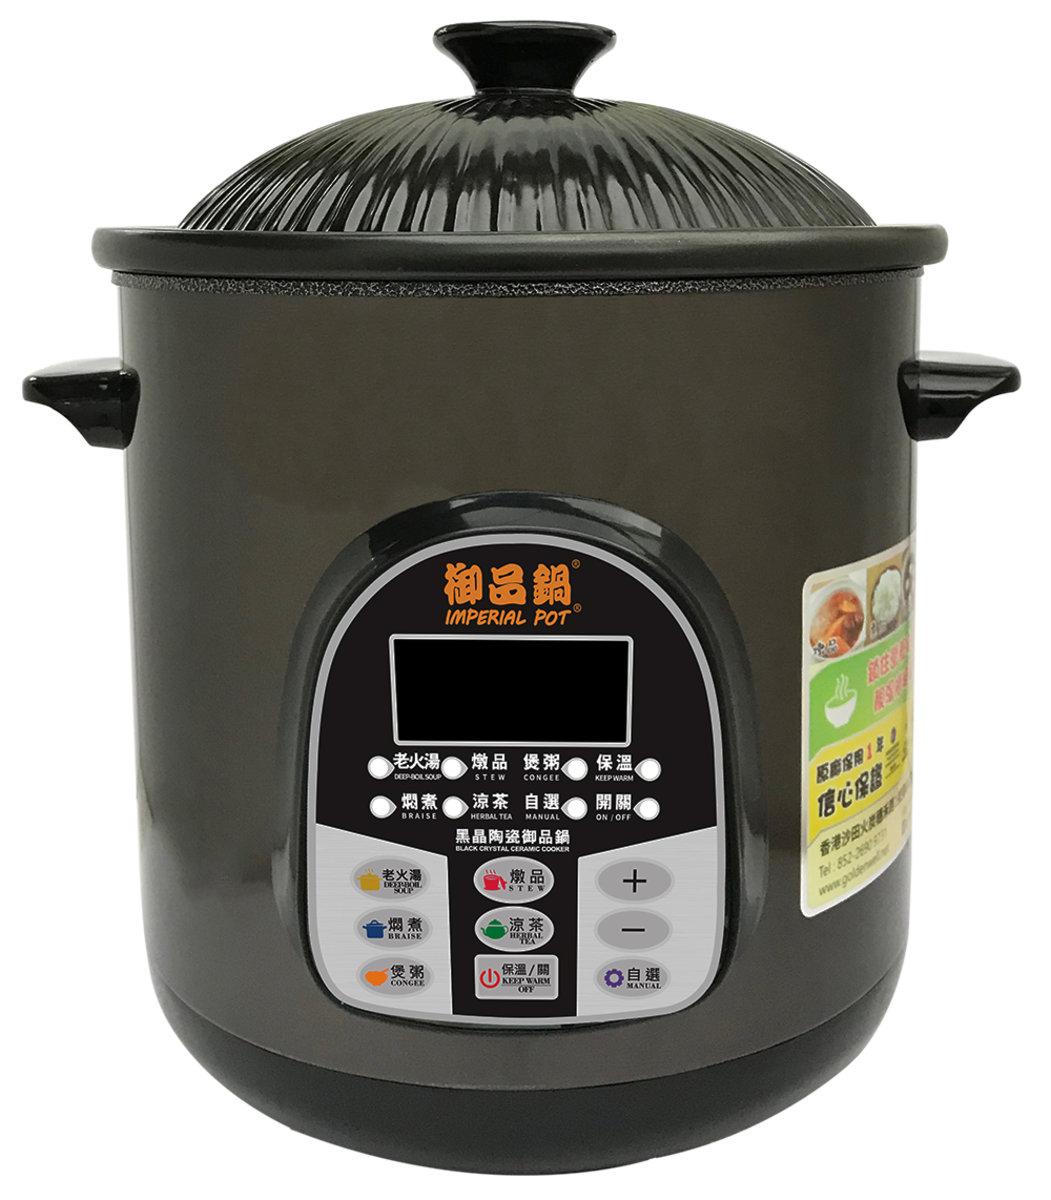 黑晶陶瓷營養鍋 GBC-125X